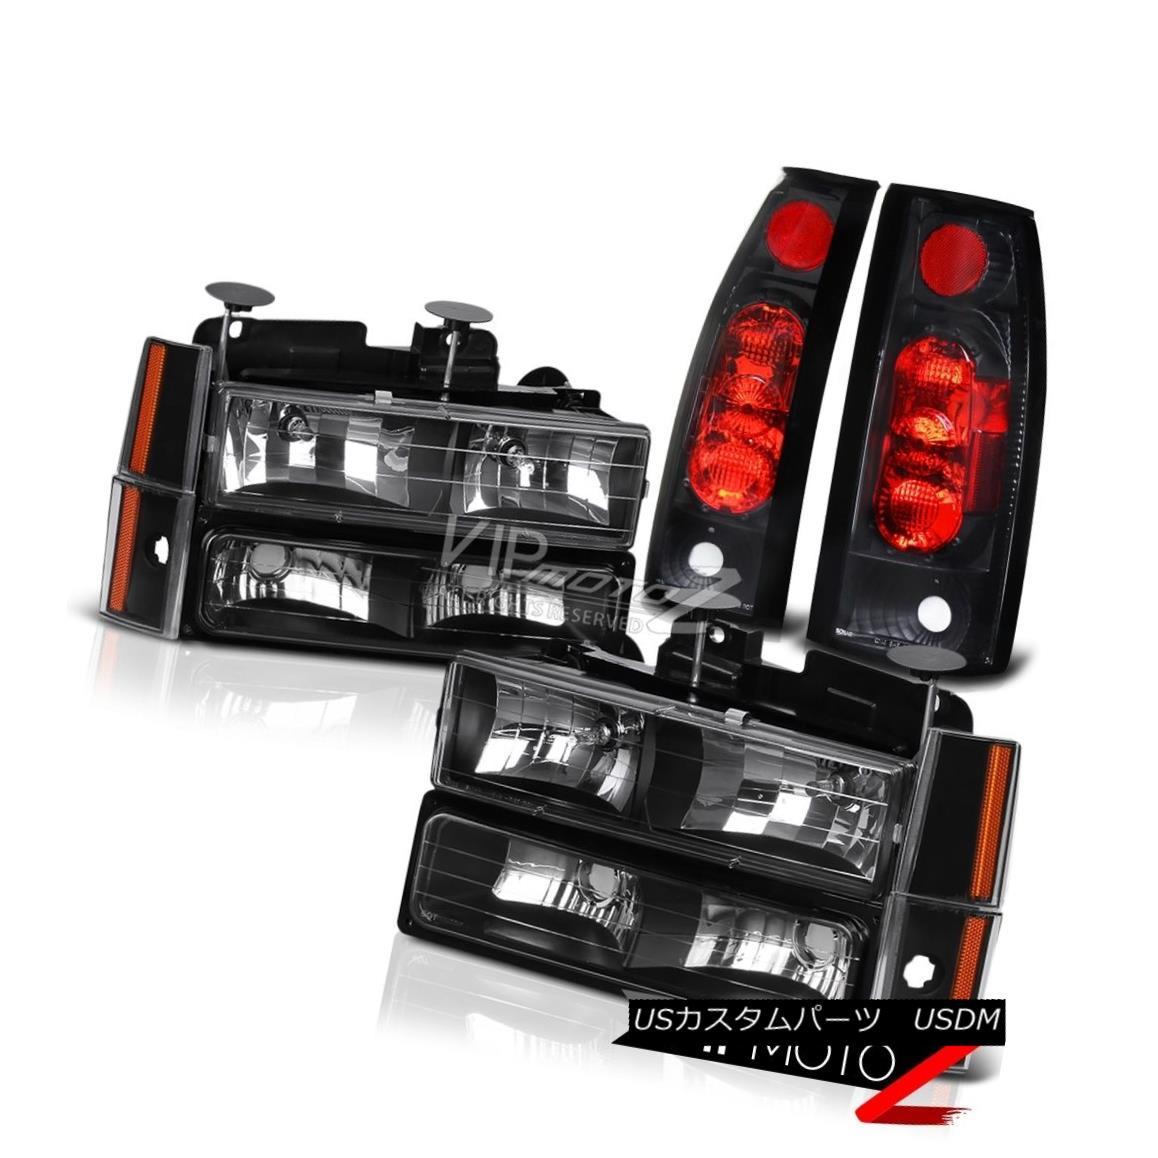 ヘッドライト 1992-1993 Chevy Blazer Suburban 1500 2500 Black Headlight Bumper Tail Light Lamp 1992-1993 Chevy Blazer郊外1500 2500ブラックヘッドライトバンパーテールライトランプ